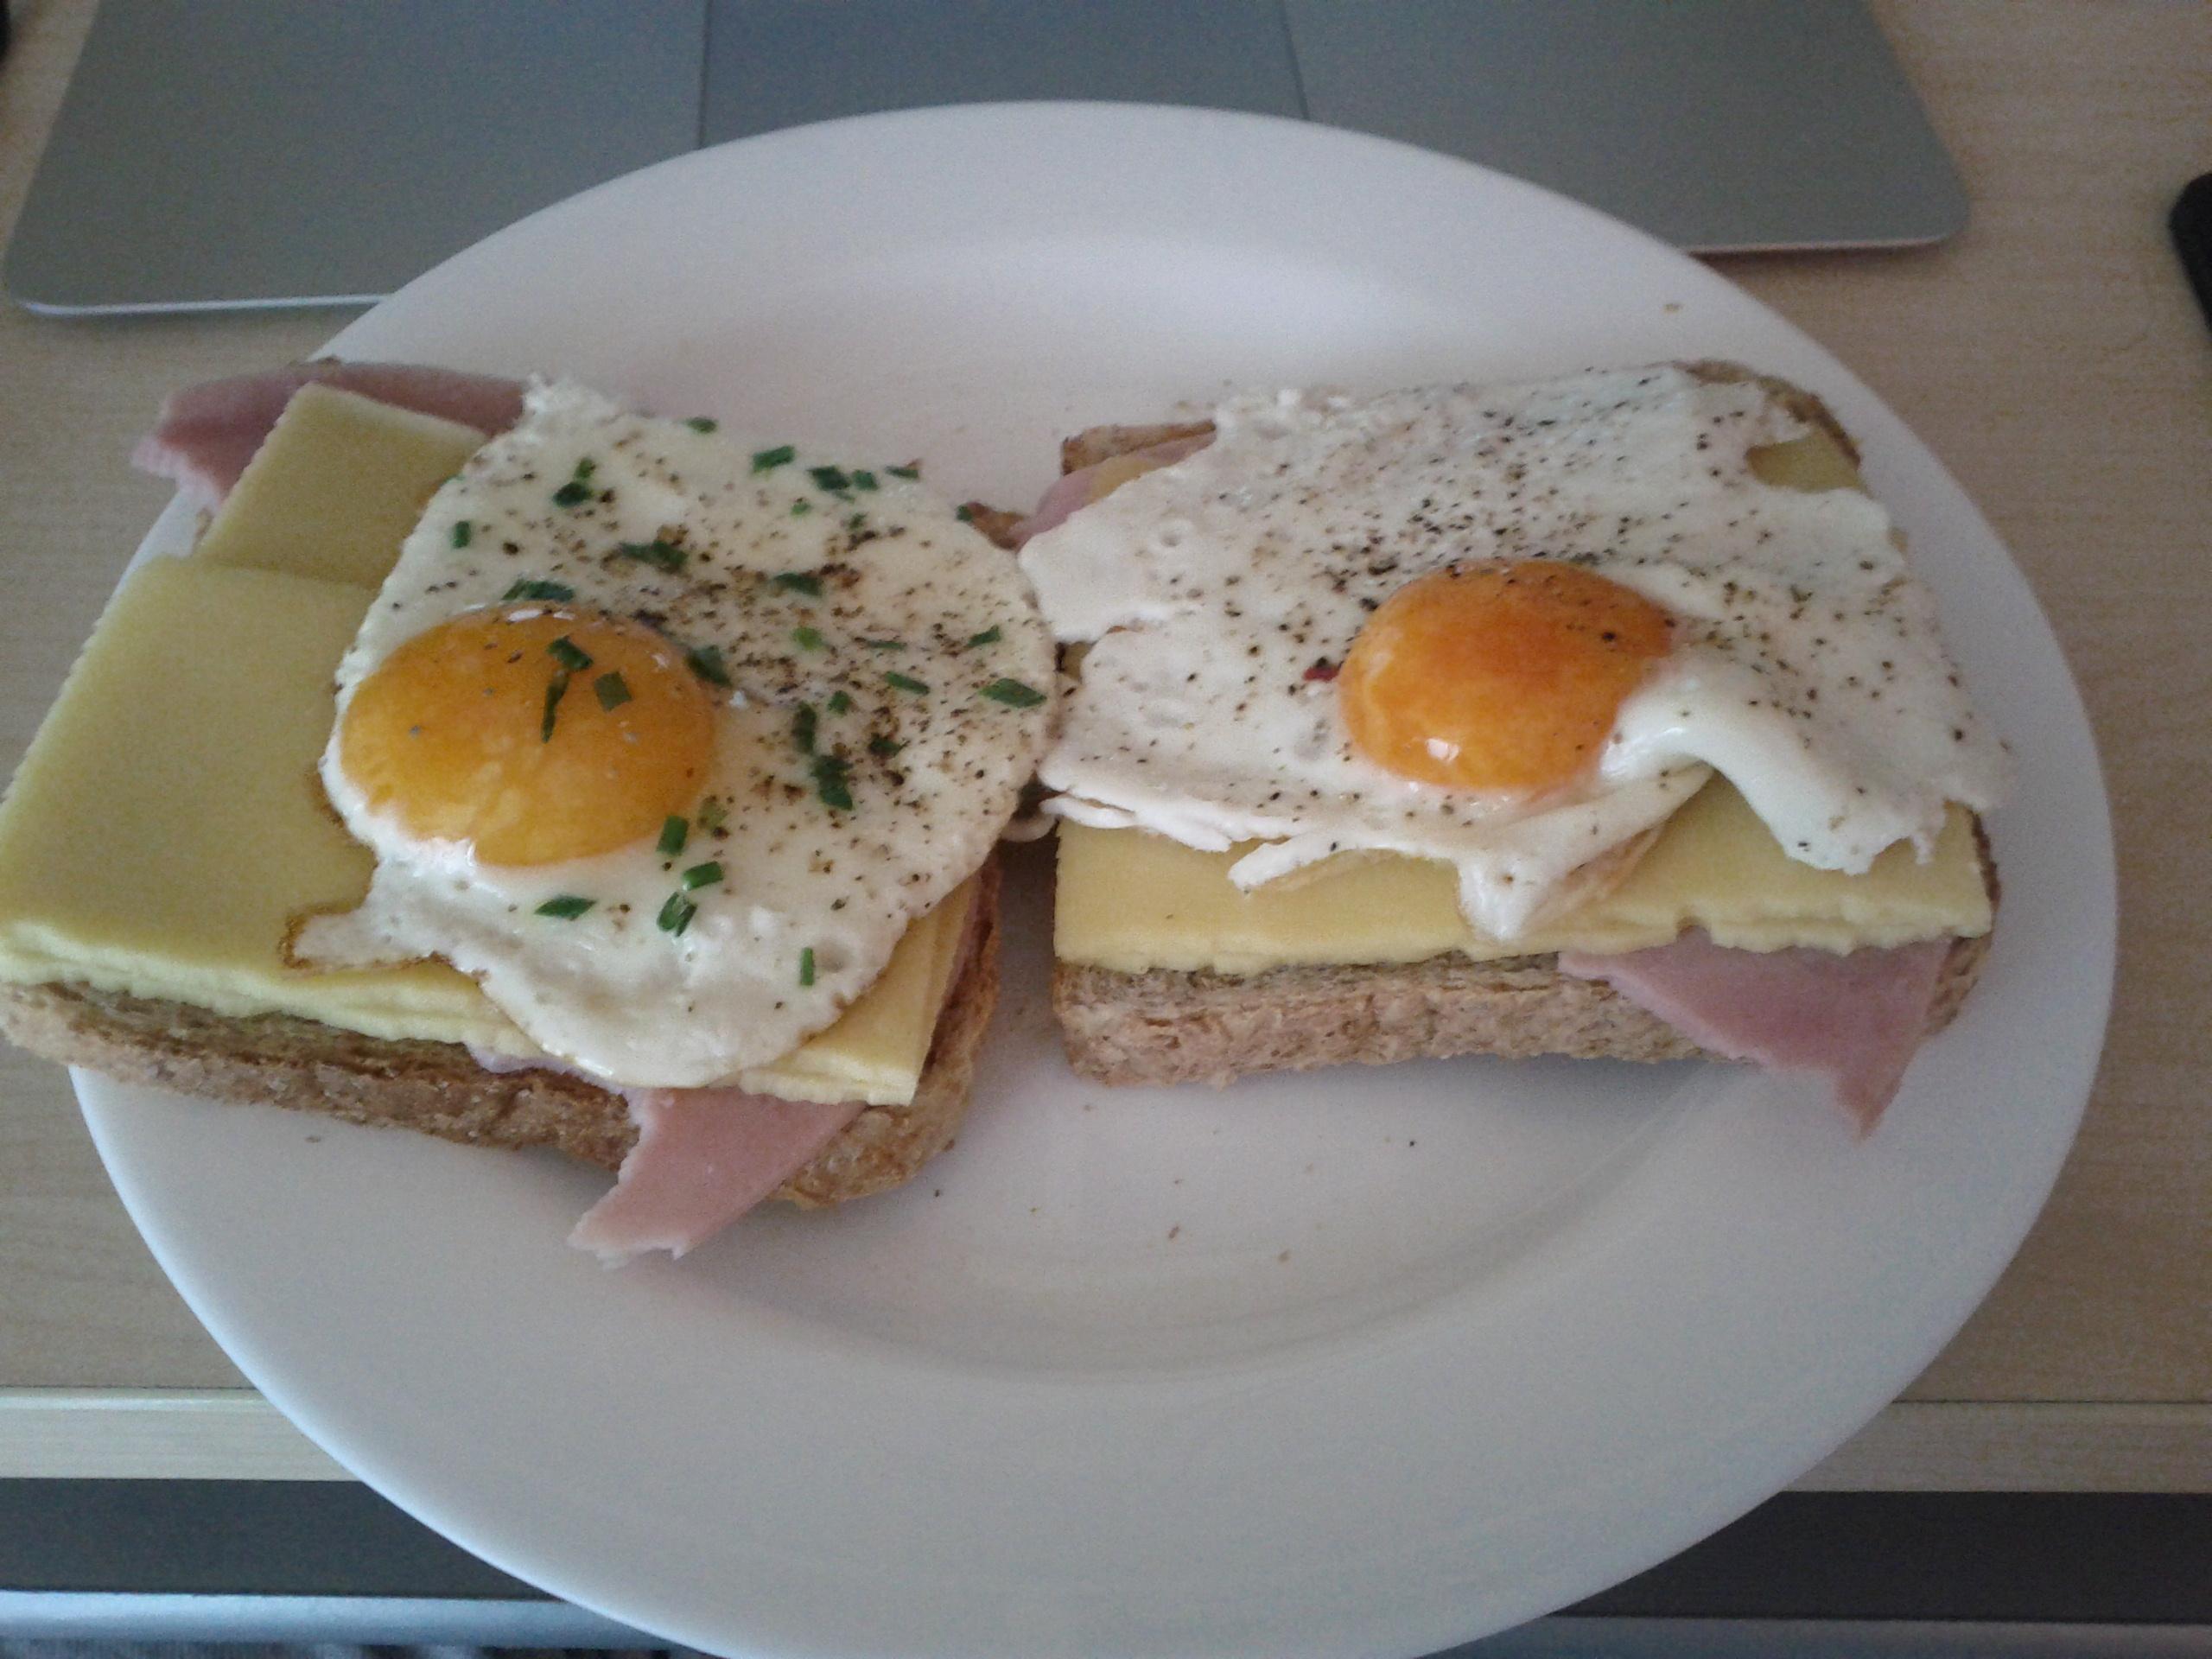 http://foodloader.net/bl1nk_2012-02-08_Fruehstueckstoast.jpg